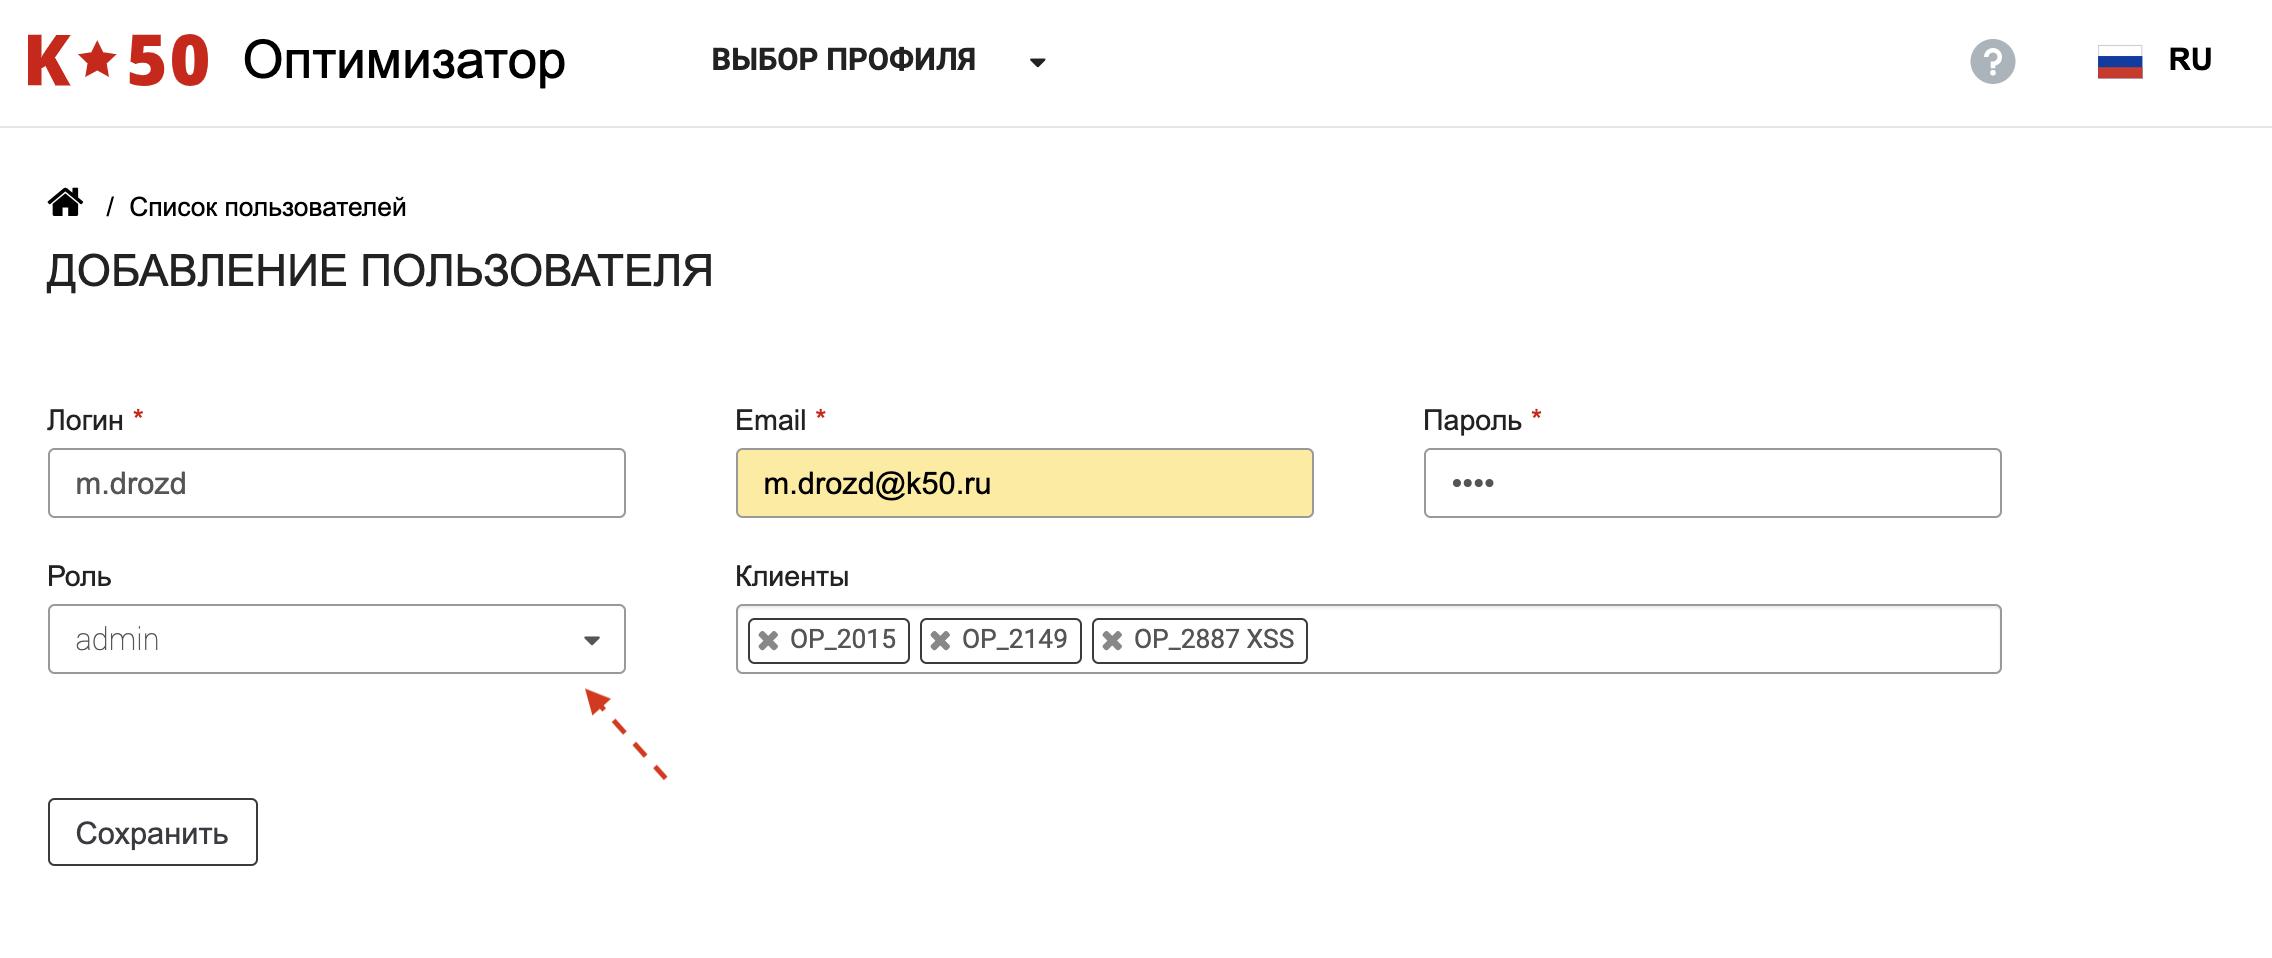 Редактирование пользователя